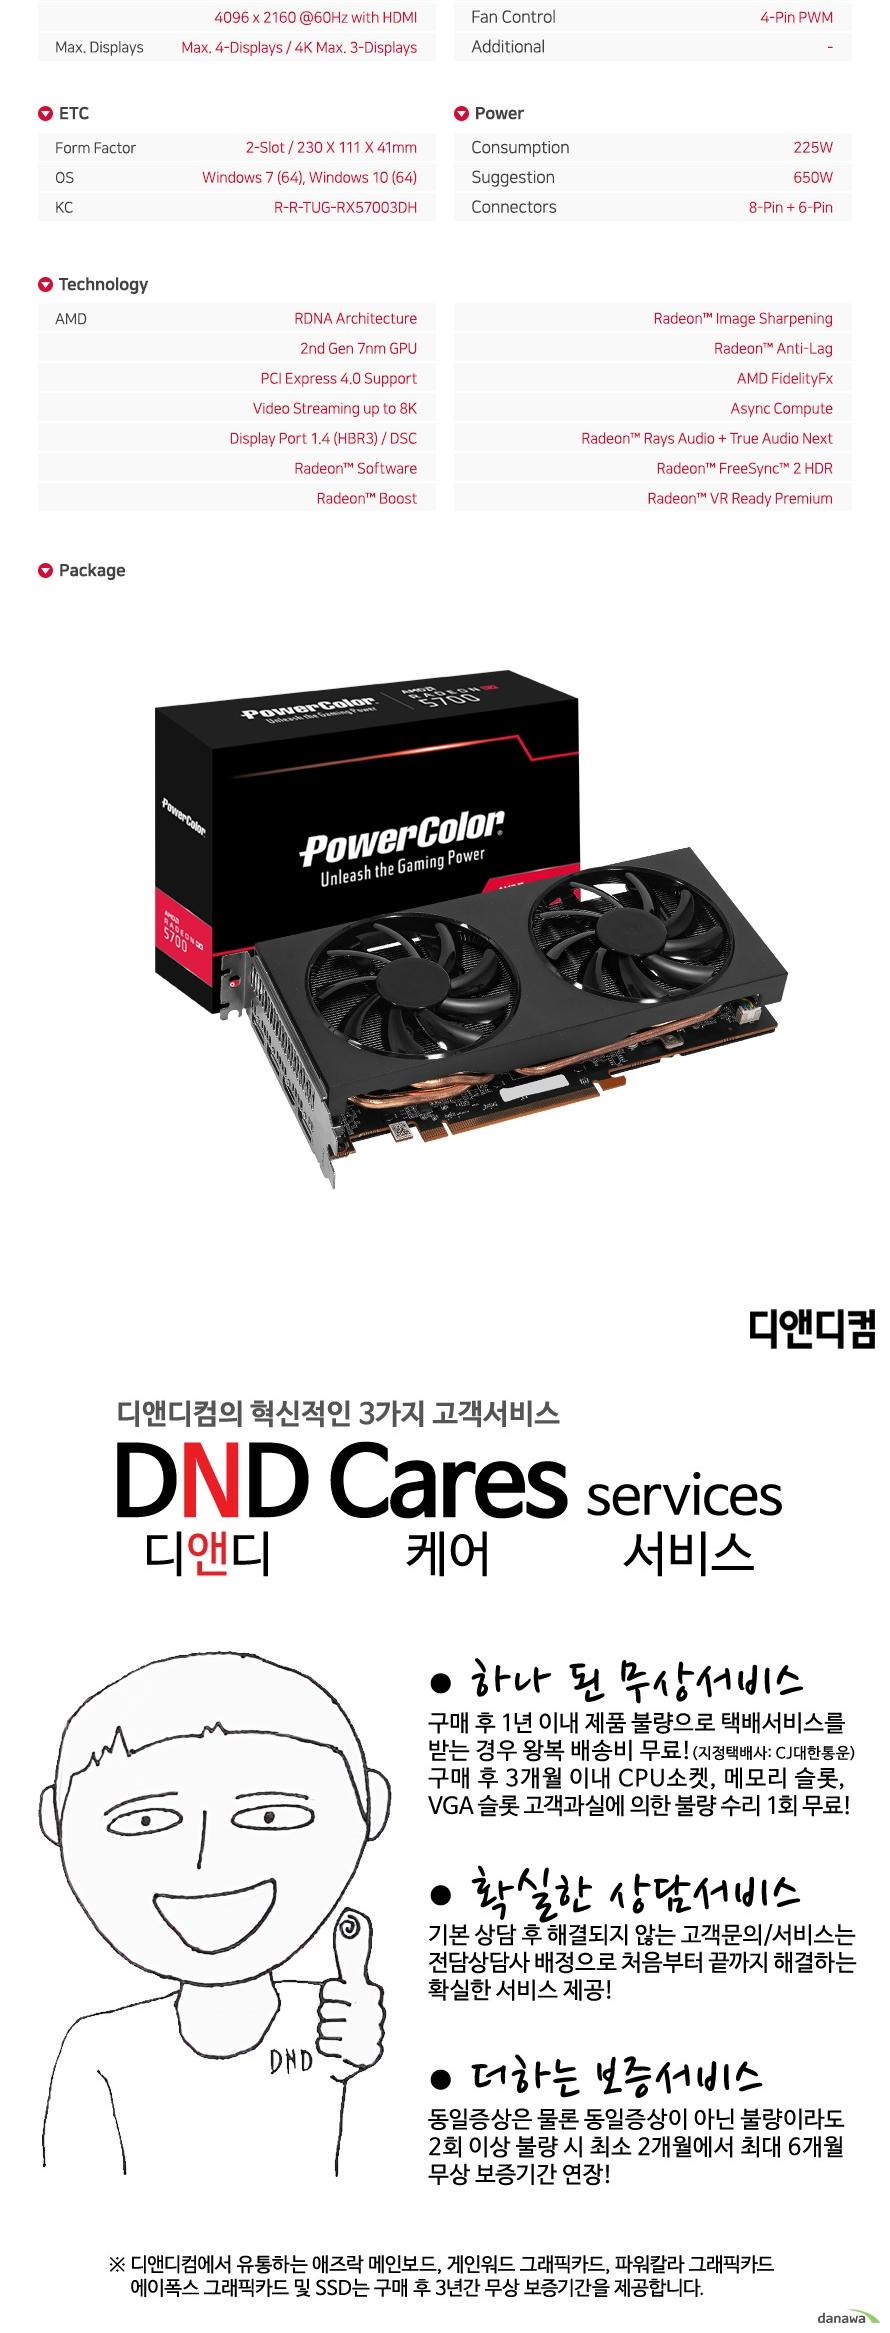 PowerColor  라데온 RX 5700 OC D6 8GB 백플레이트